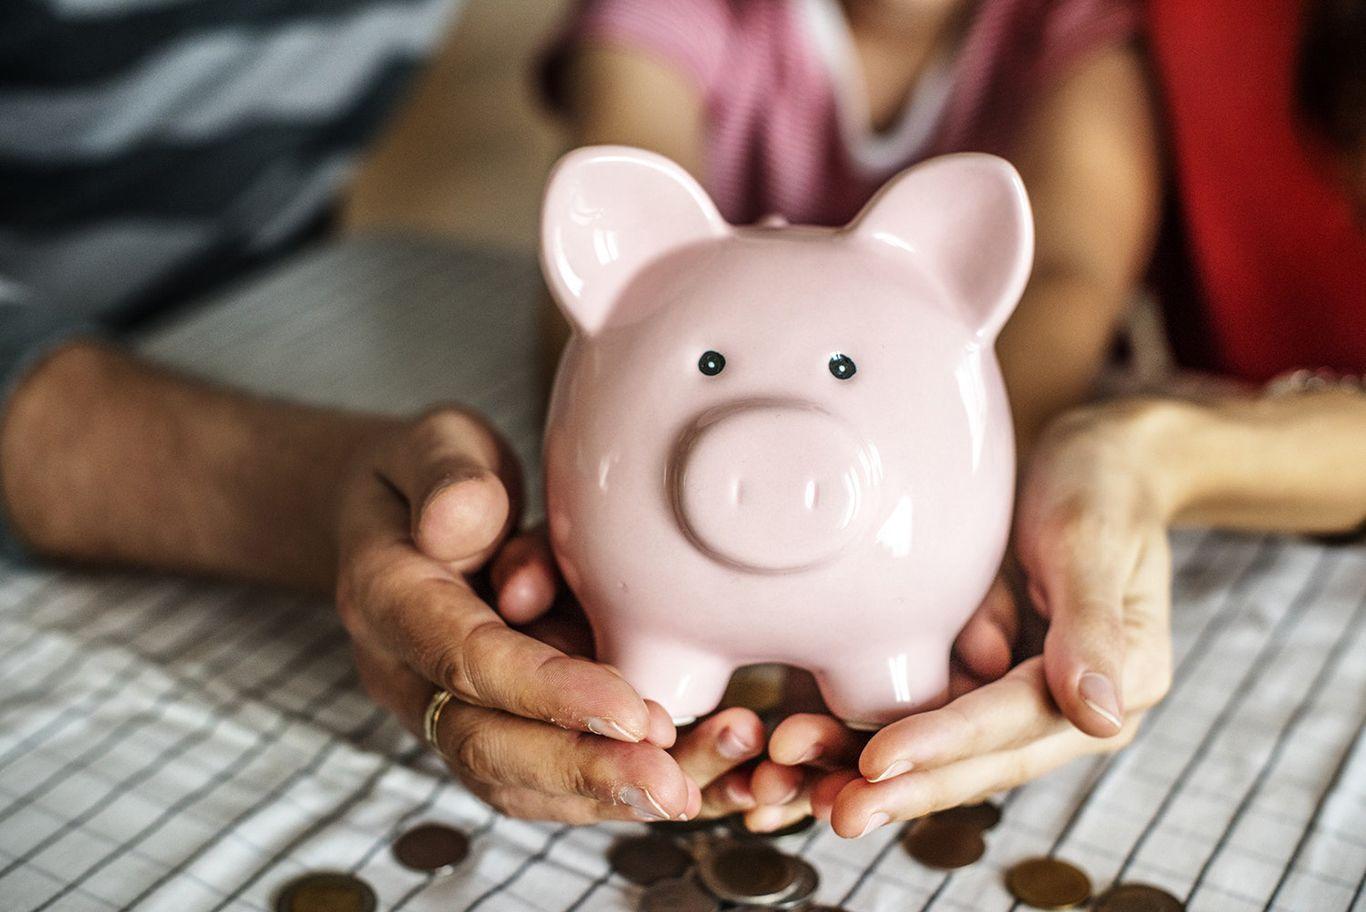 Butuh Banyak Biaya, Ini 7 Tips Menabung Jika Mau Kuliah di Luar Negeri